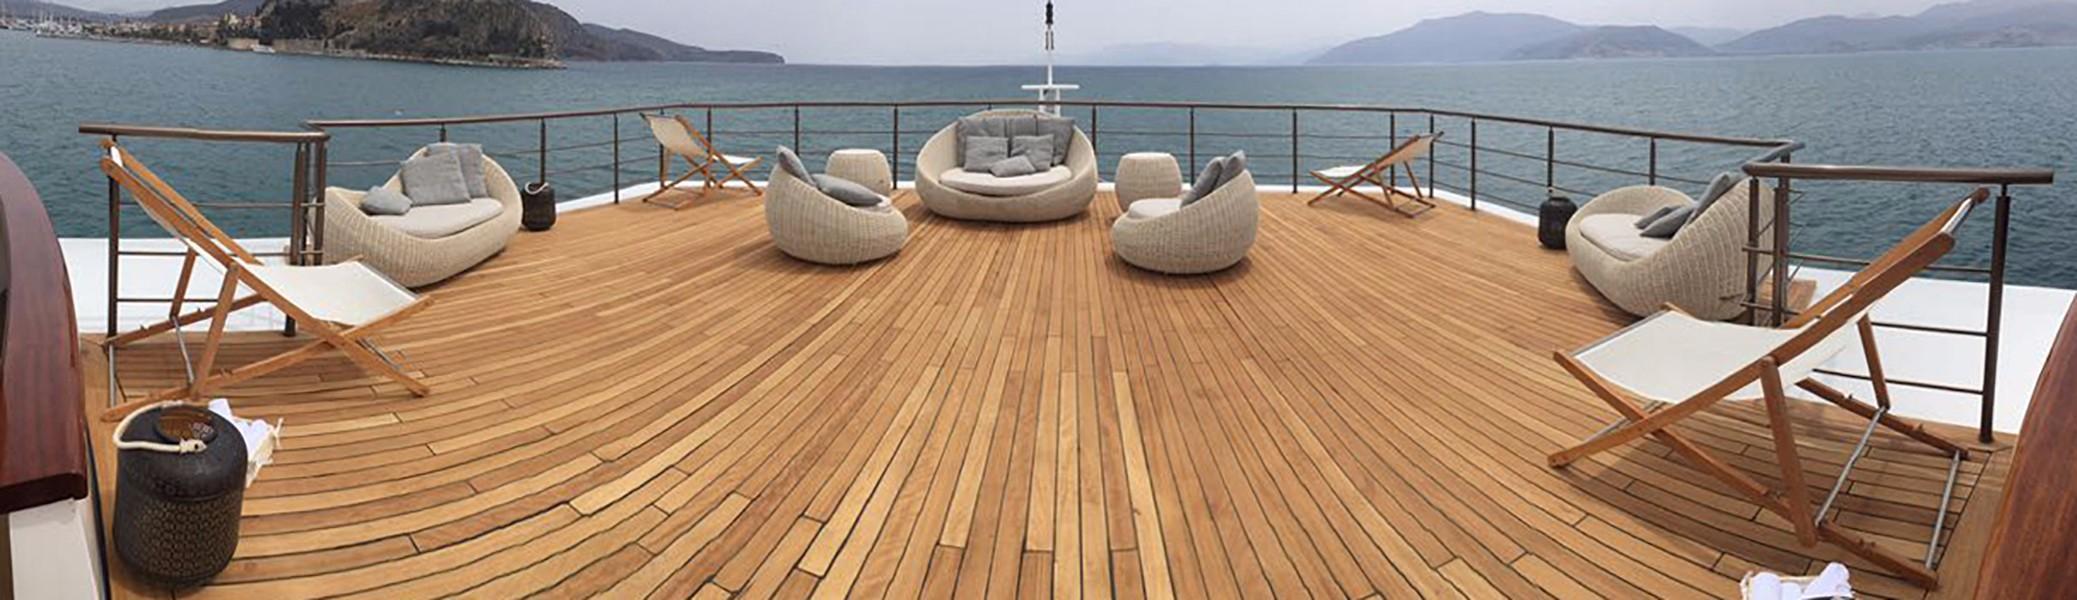 Vast deck space